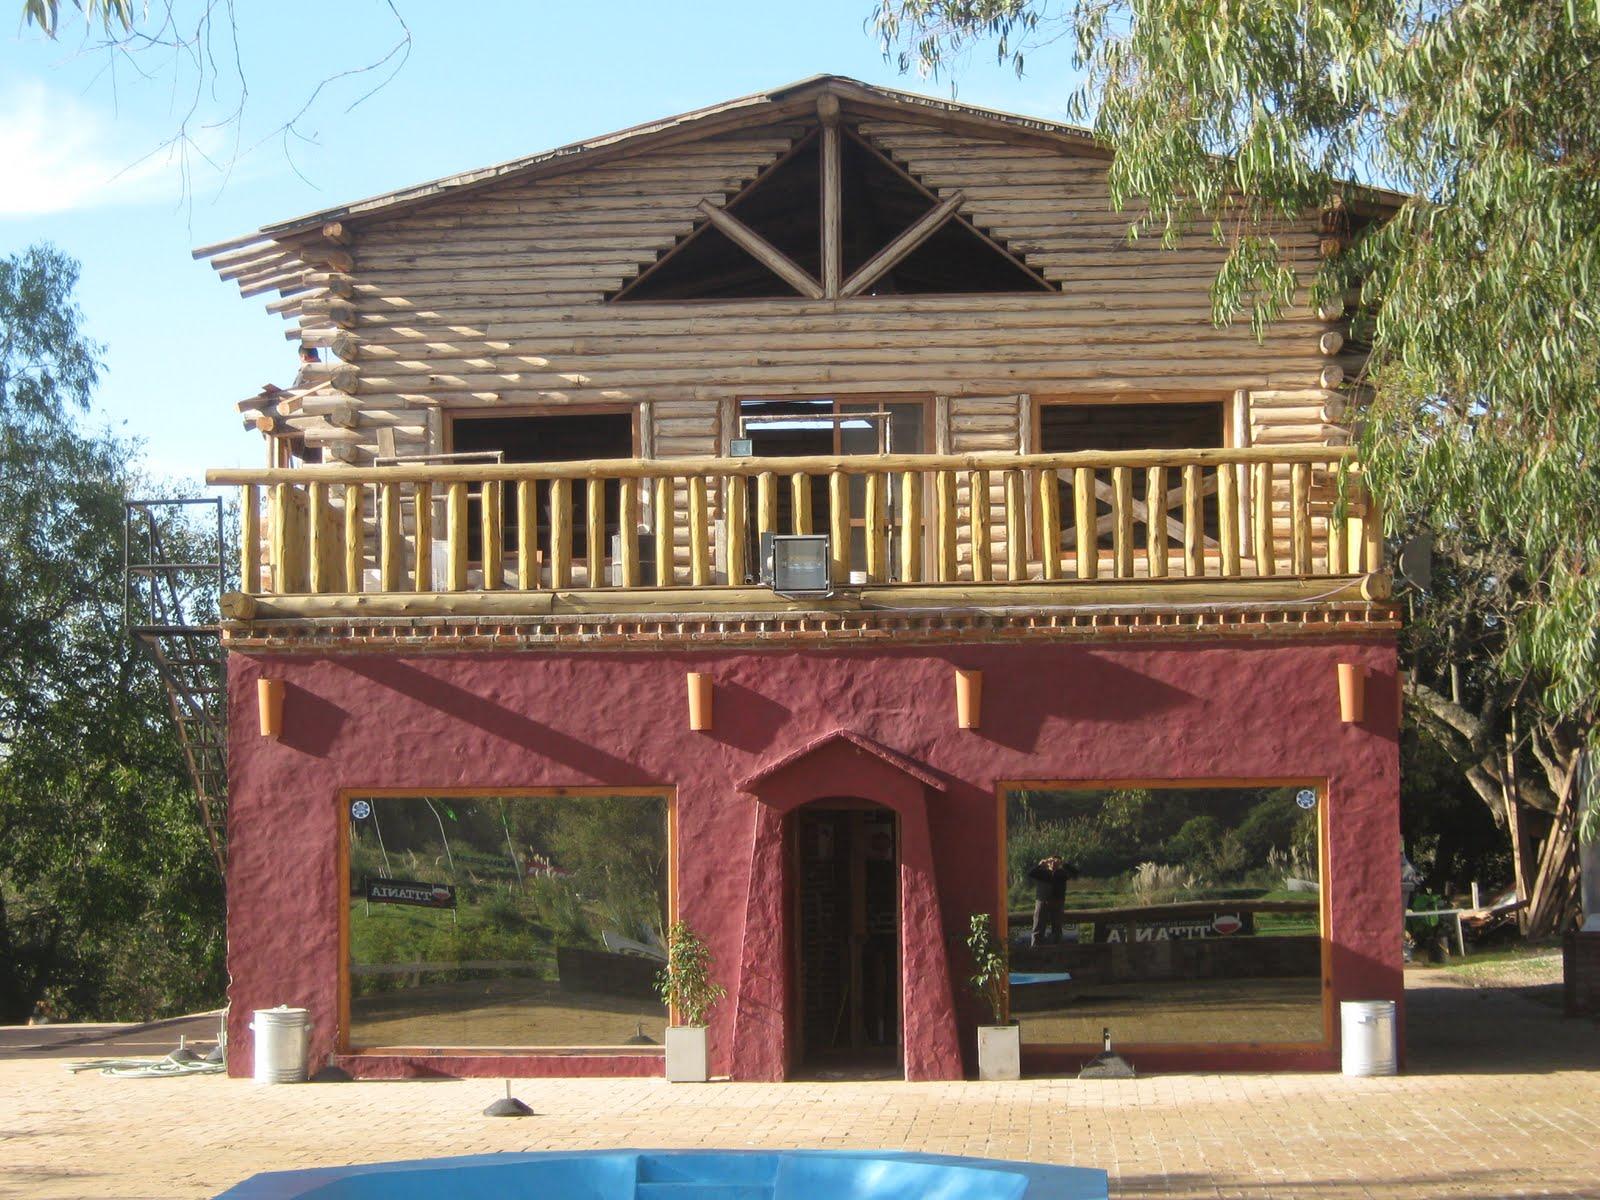 Construccion de cabaas en madera casa de troncos holidays oo - Construccion casas de madera ...